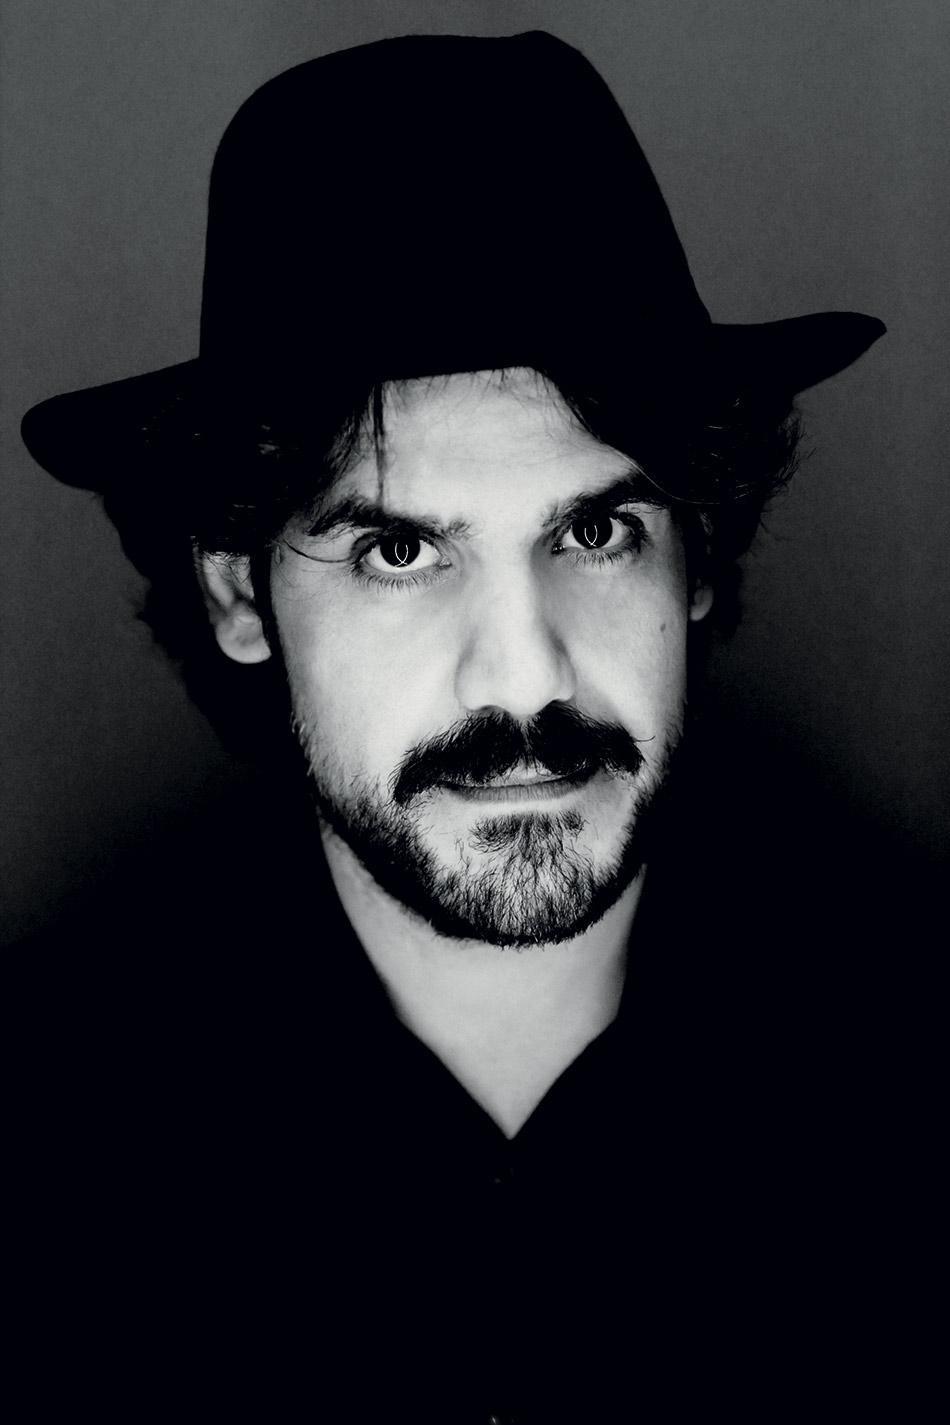 """Mannarino da Giovanni Gastel per le """"100 facce della musica italiana"""" Rolling Stone nel dicembre 2014"""